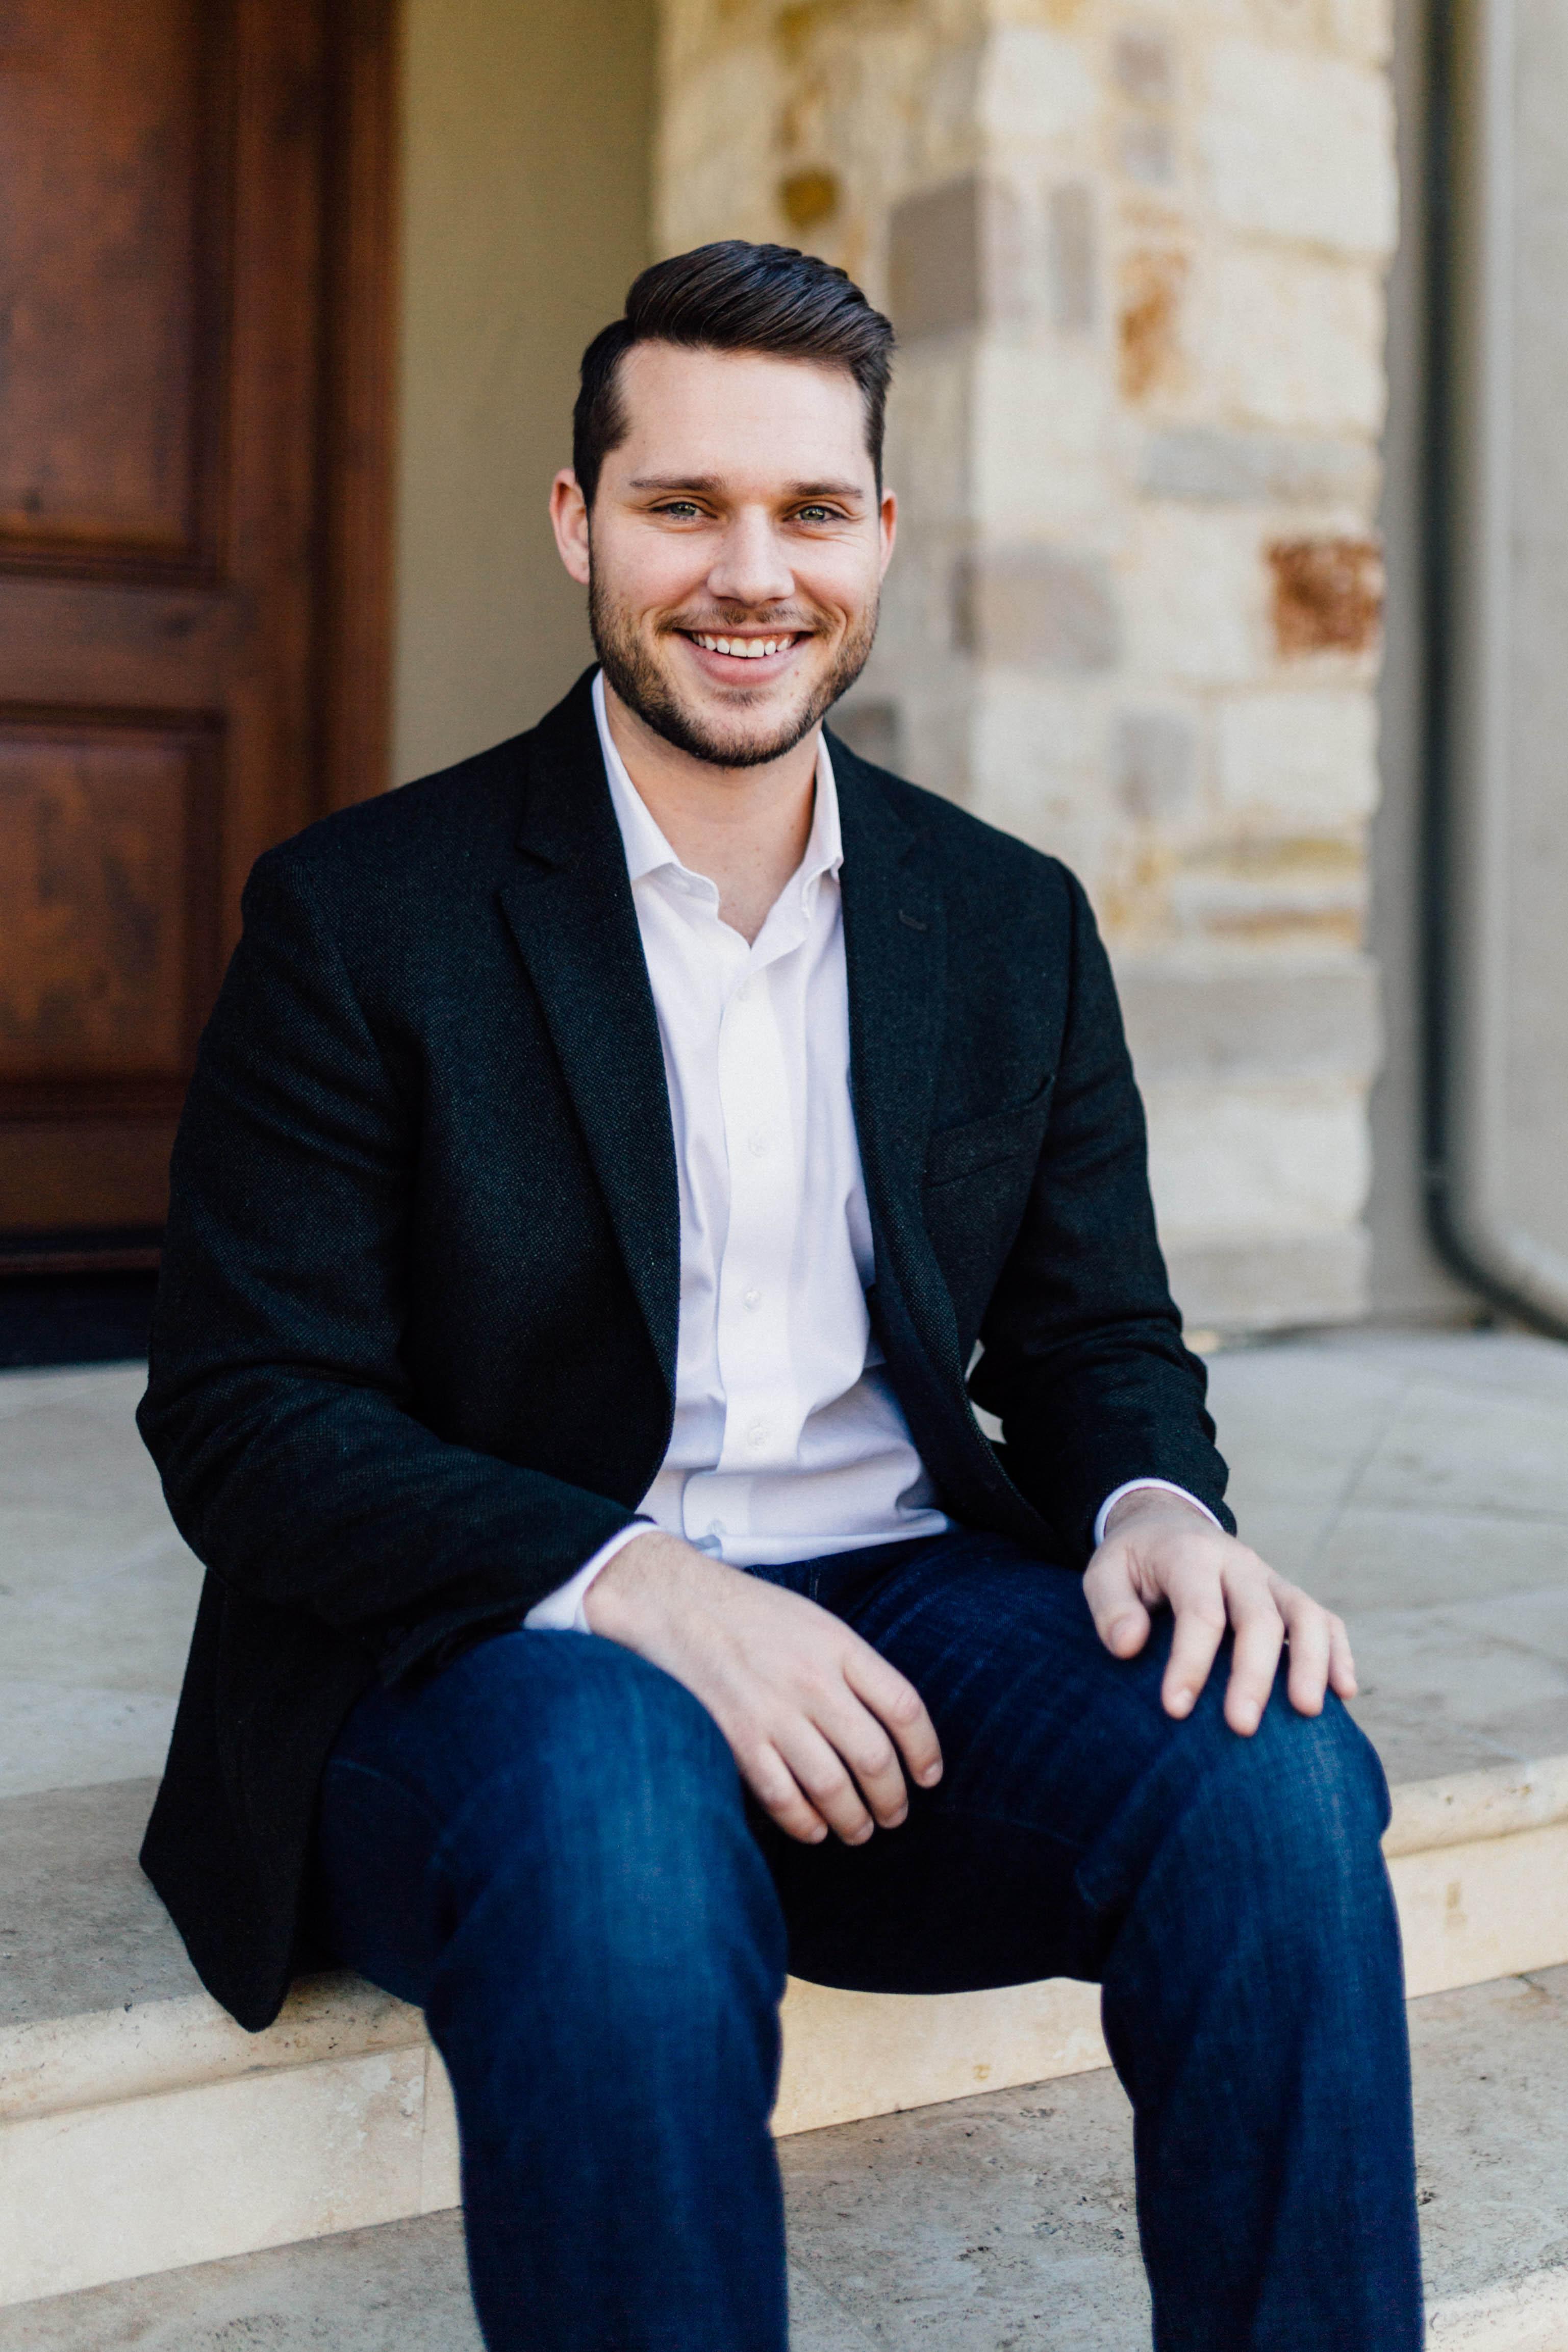 Aaron Derbacher